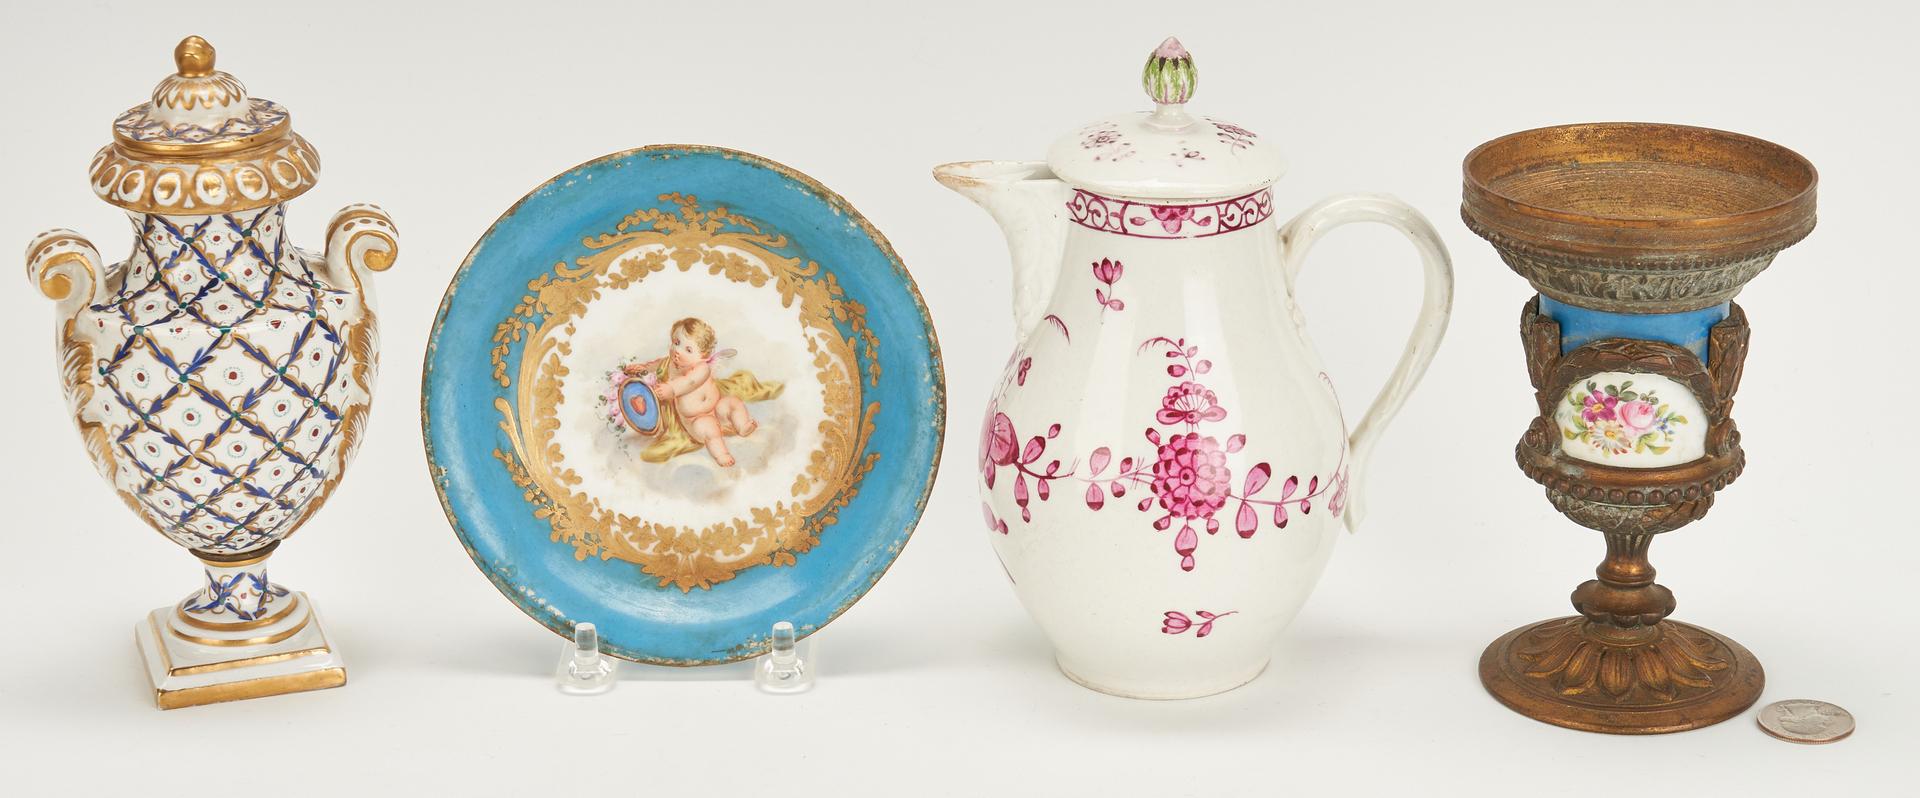 Lot 841: 7 Pcs. Porcelain incl. Figures, Urn, Jug, and Plateau